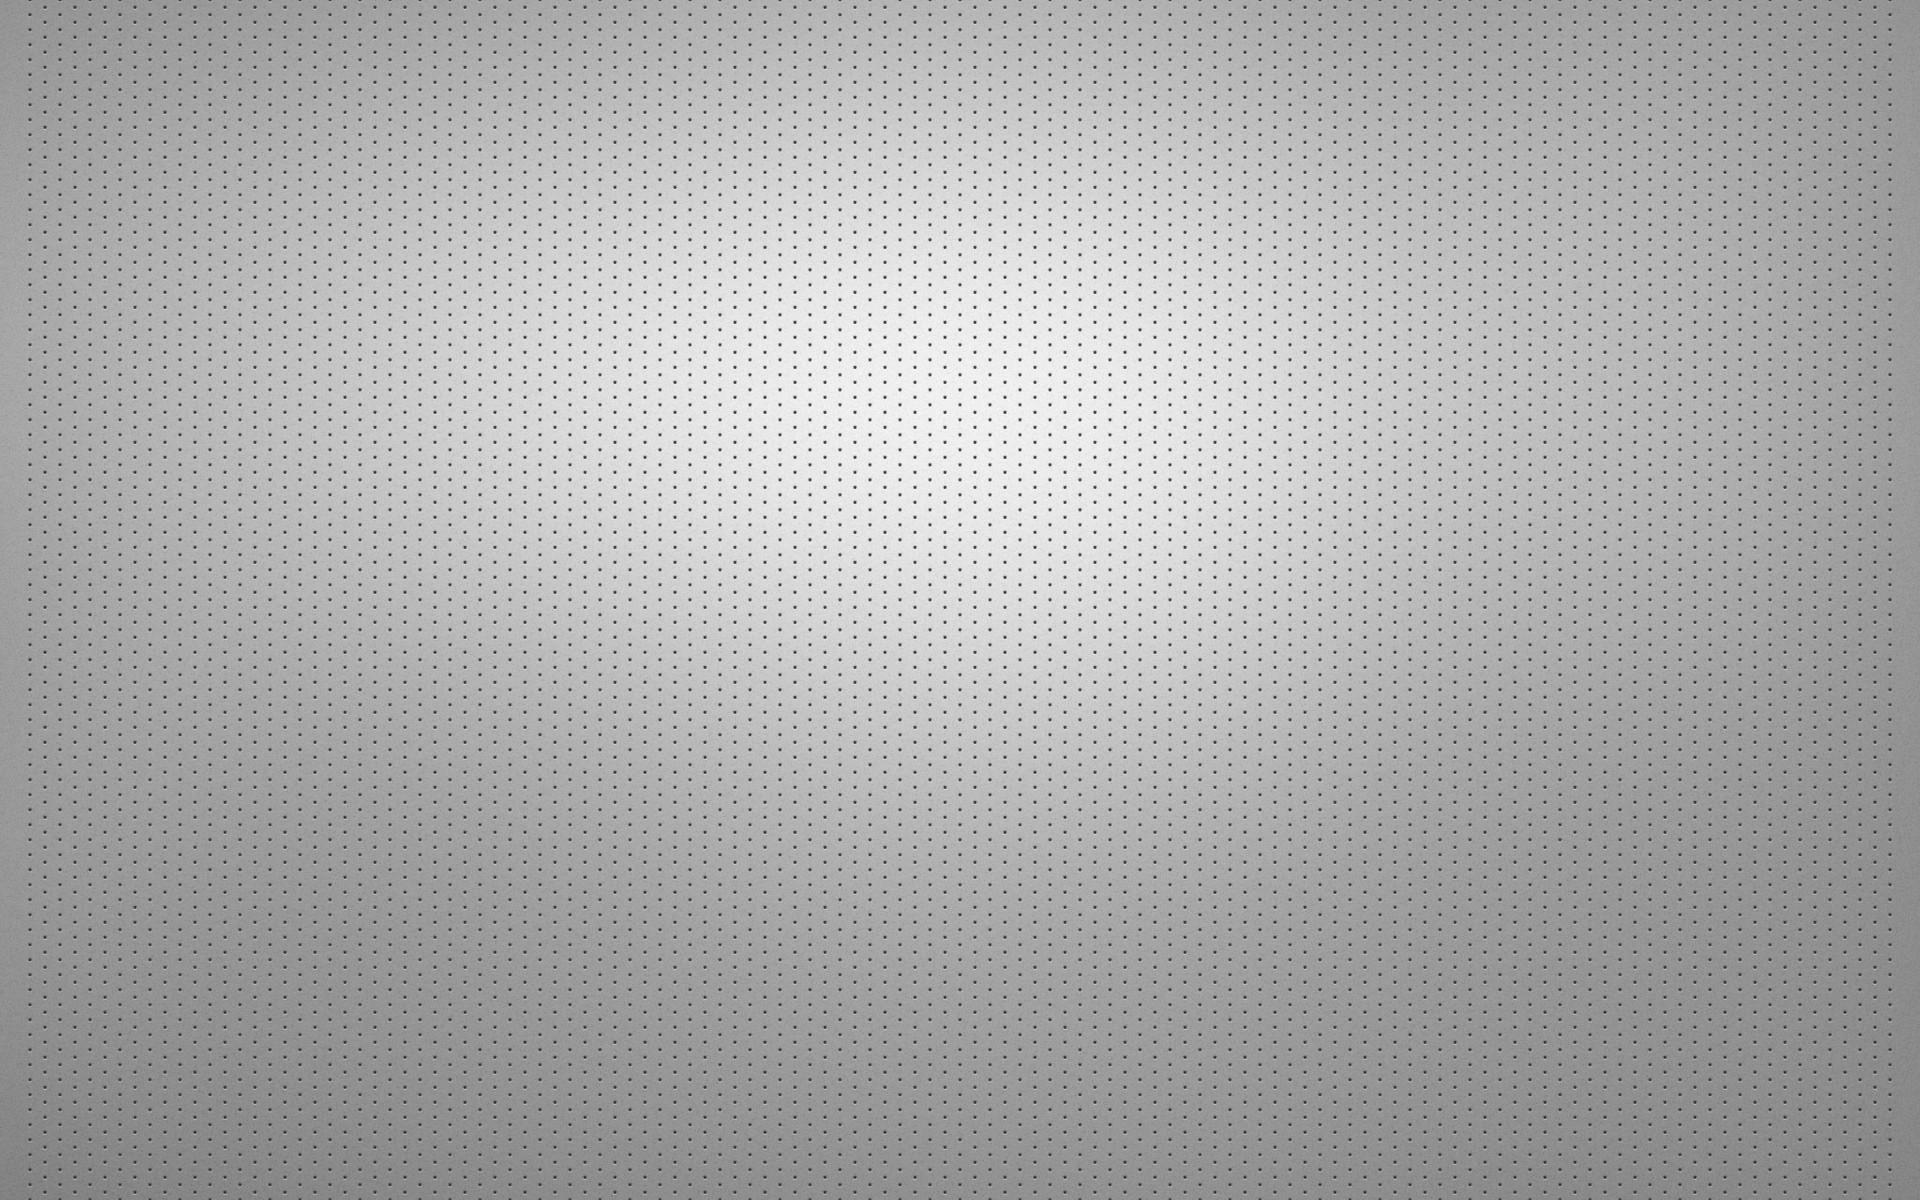 Silver Carbon Fiber Wallpaper Iphone